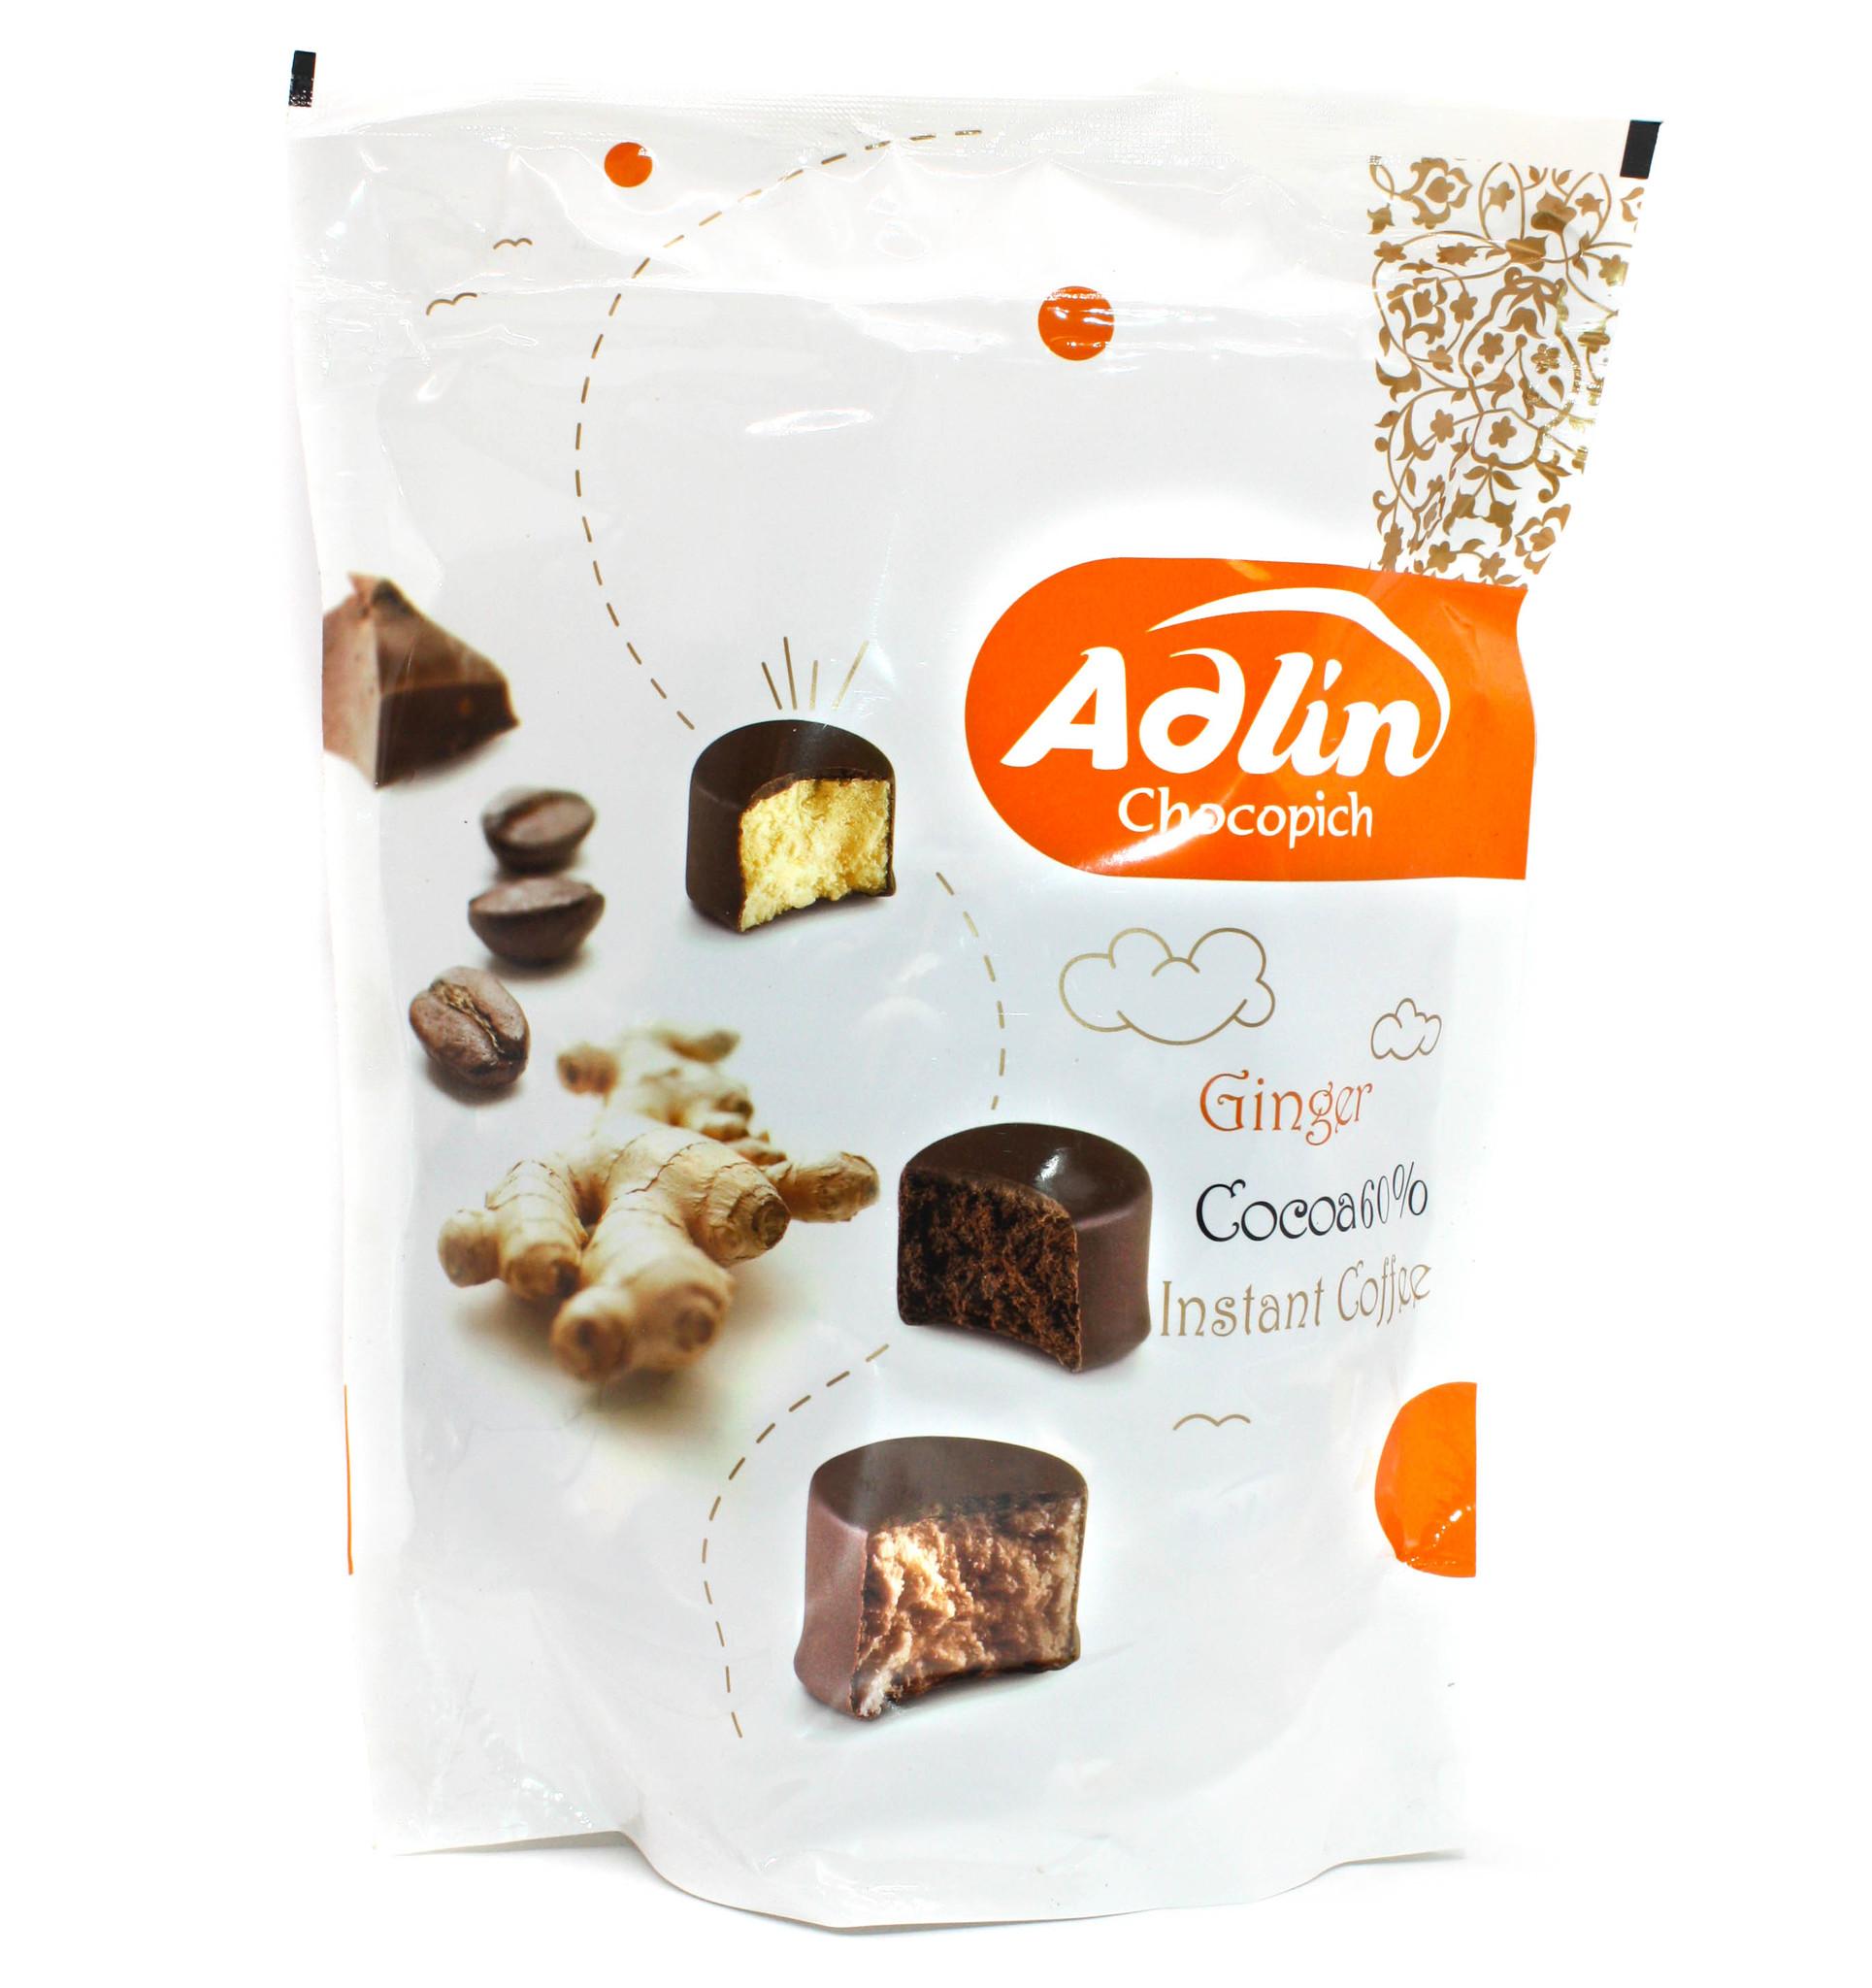 Adlin Пишмание со вкусом имбиря, какао и кофе в шоколадной глазури, Adlin, 350 г import_files_7a_7a7d6a11c3f111e9a9b3484d7ecee297_7a7d6a12c3f111e9a9b3484d7ecee297.jpg